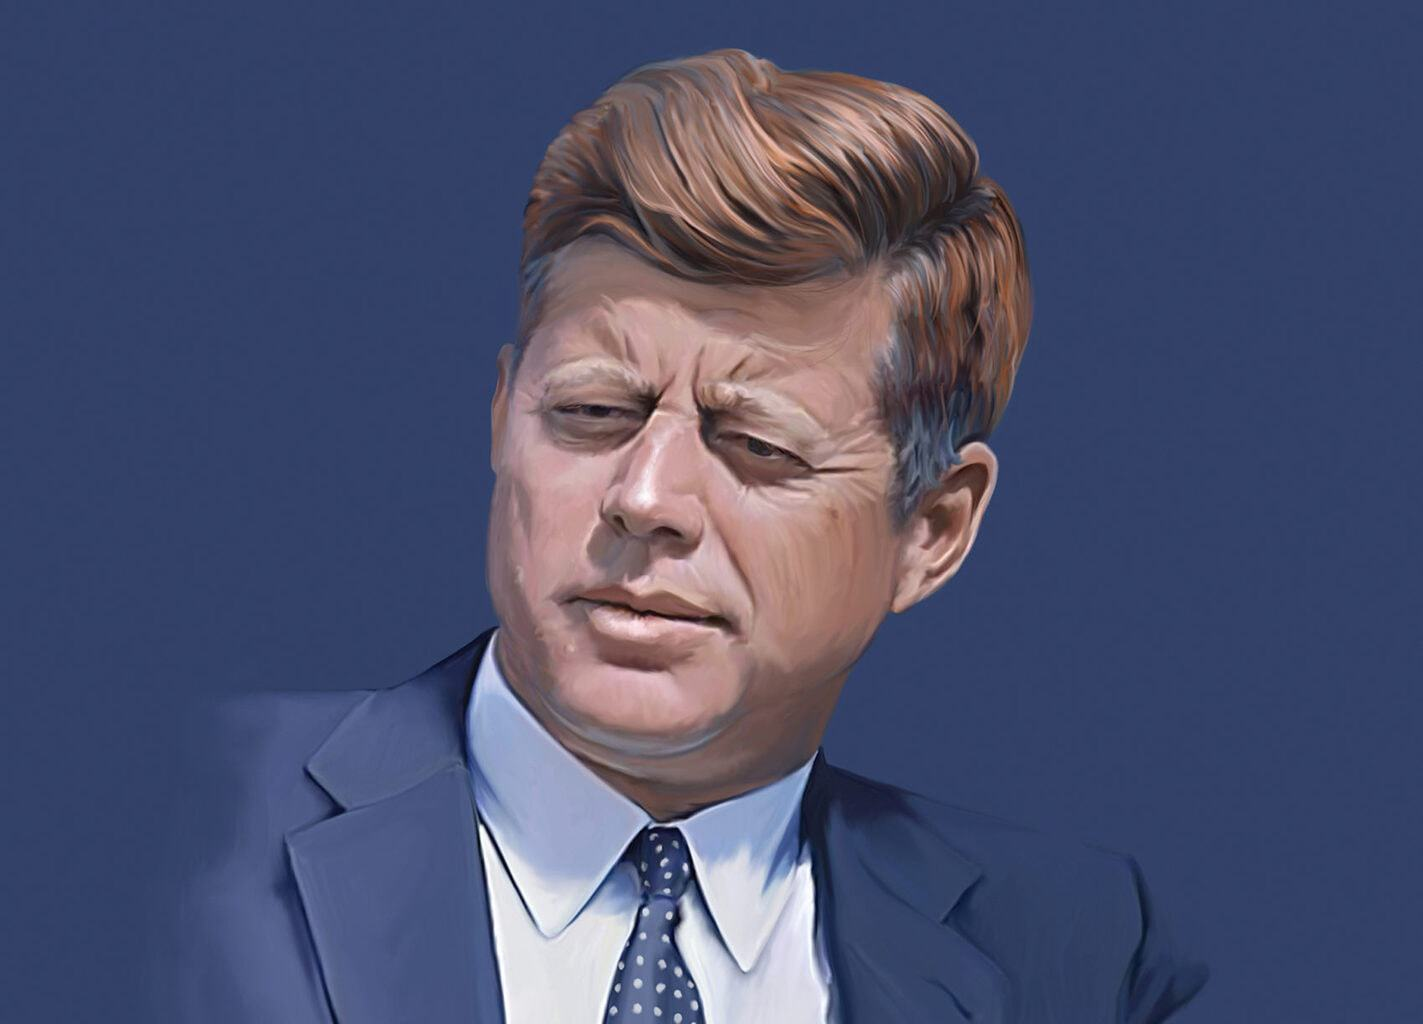 Een portret van de Amerikaanse President John F. Kennedy in Berlijn getekend